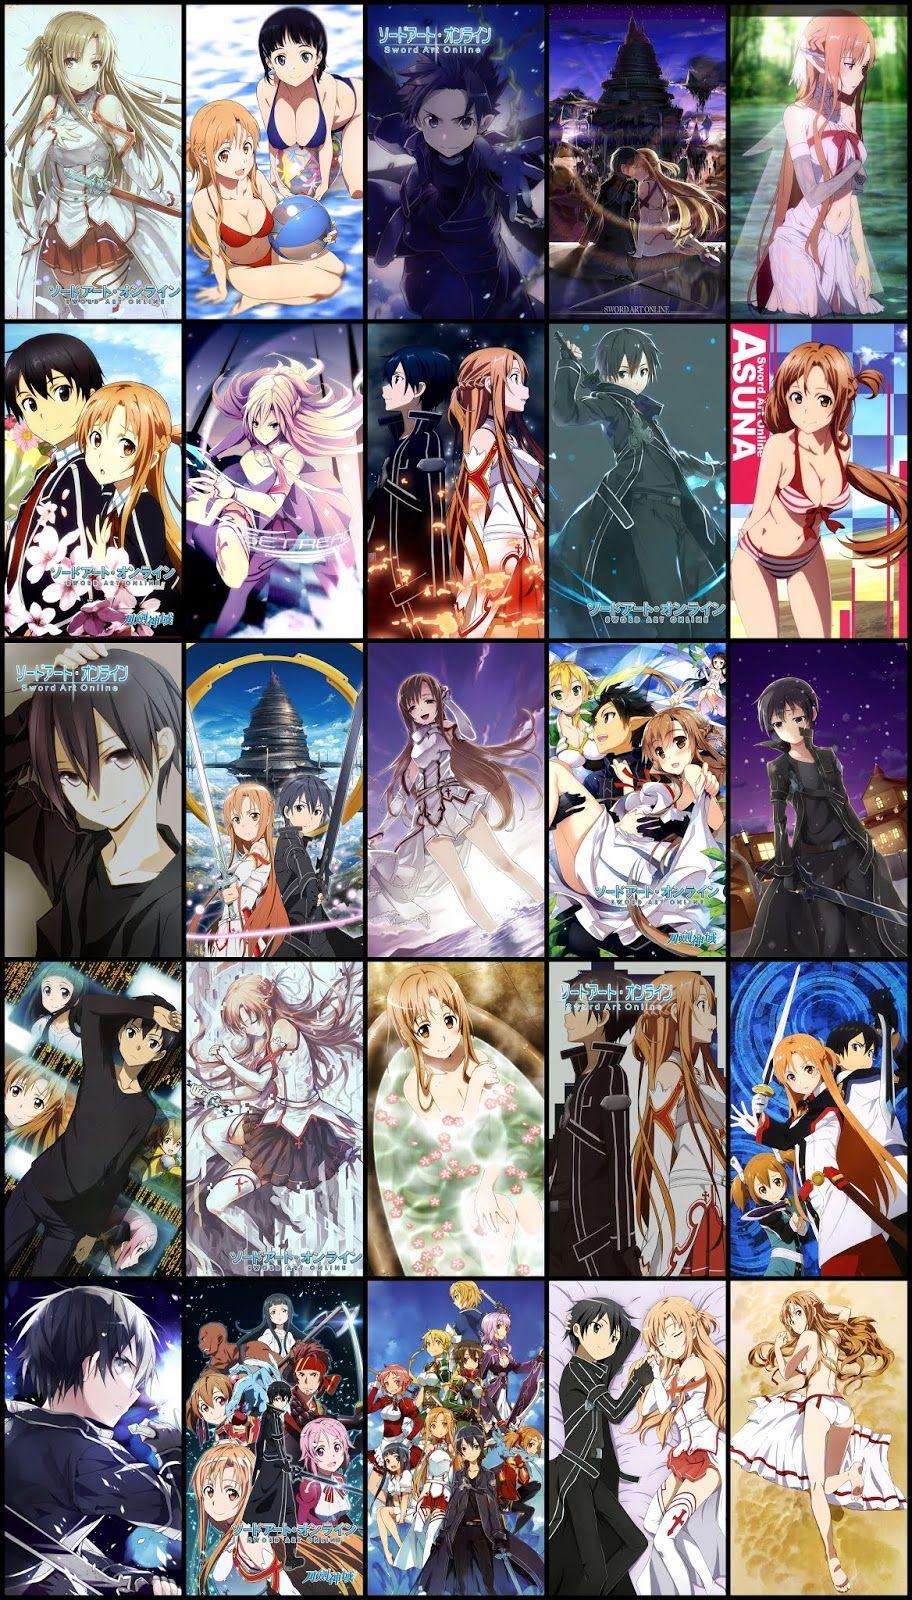 Sword Art Online Wallpaper Pack For Mobile Phone (Part 02